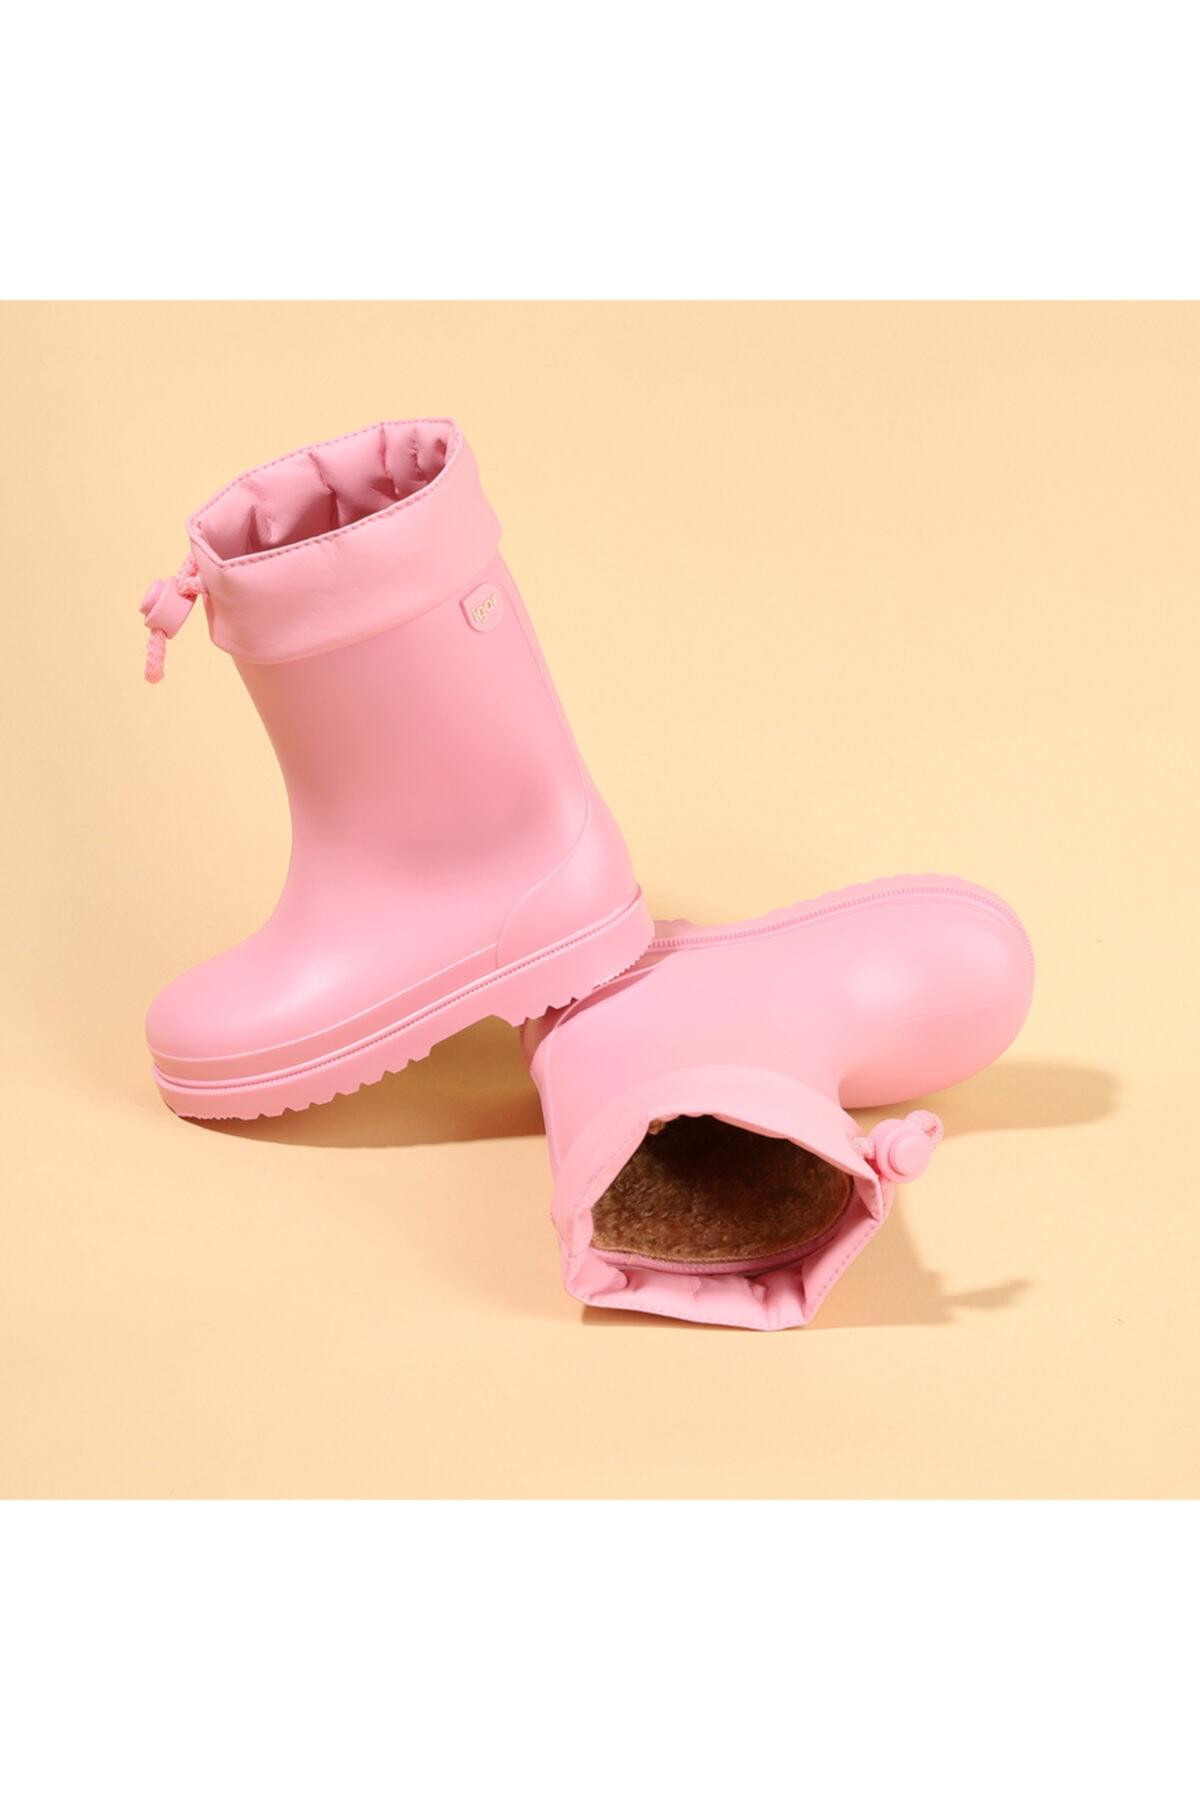 IGOR W10101 Chufo Cuello Kız/erkek Çocuk Su Geçirmez Yağmur Kar Çizmesi 2